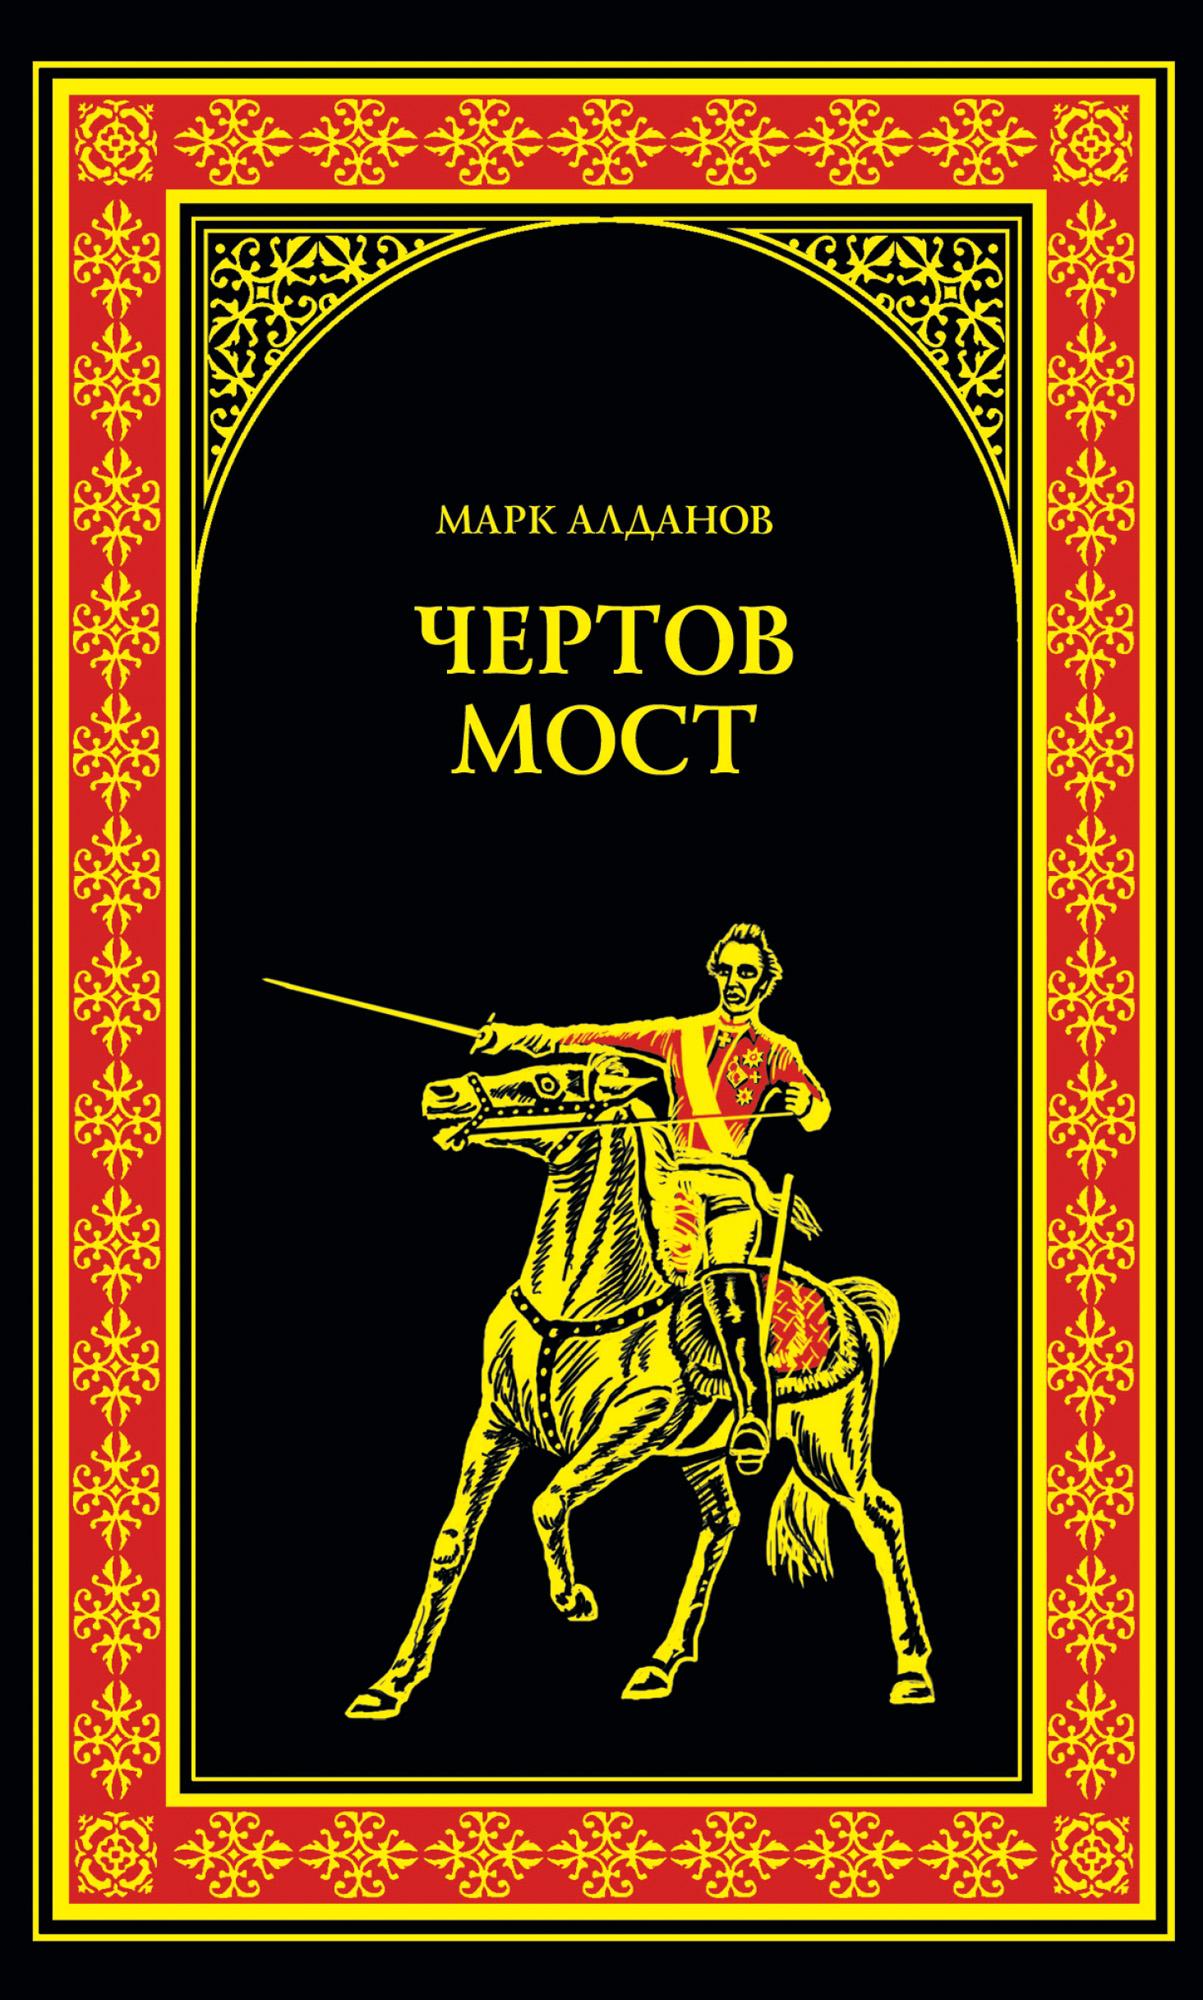 Марк Алданов Чертов мост (сборник) алданов м девятое термидора